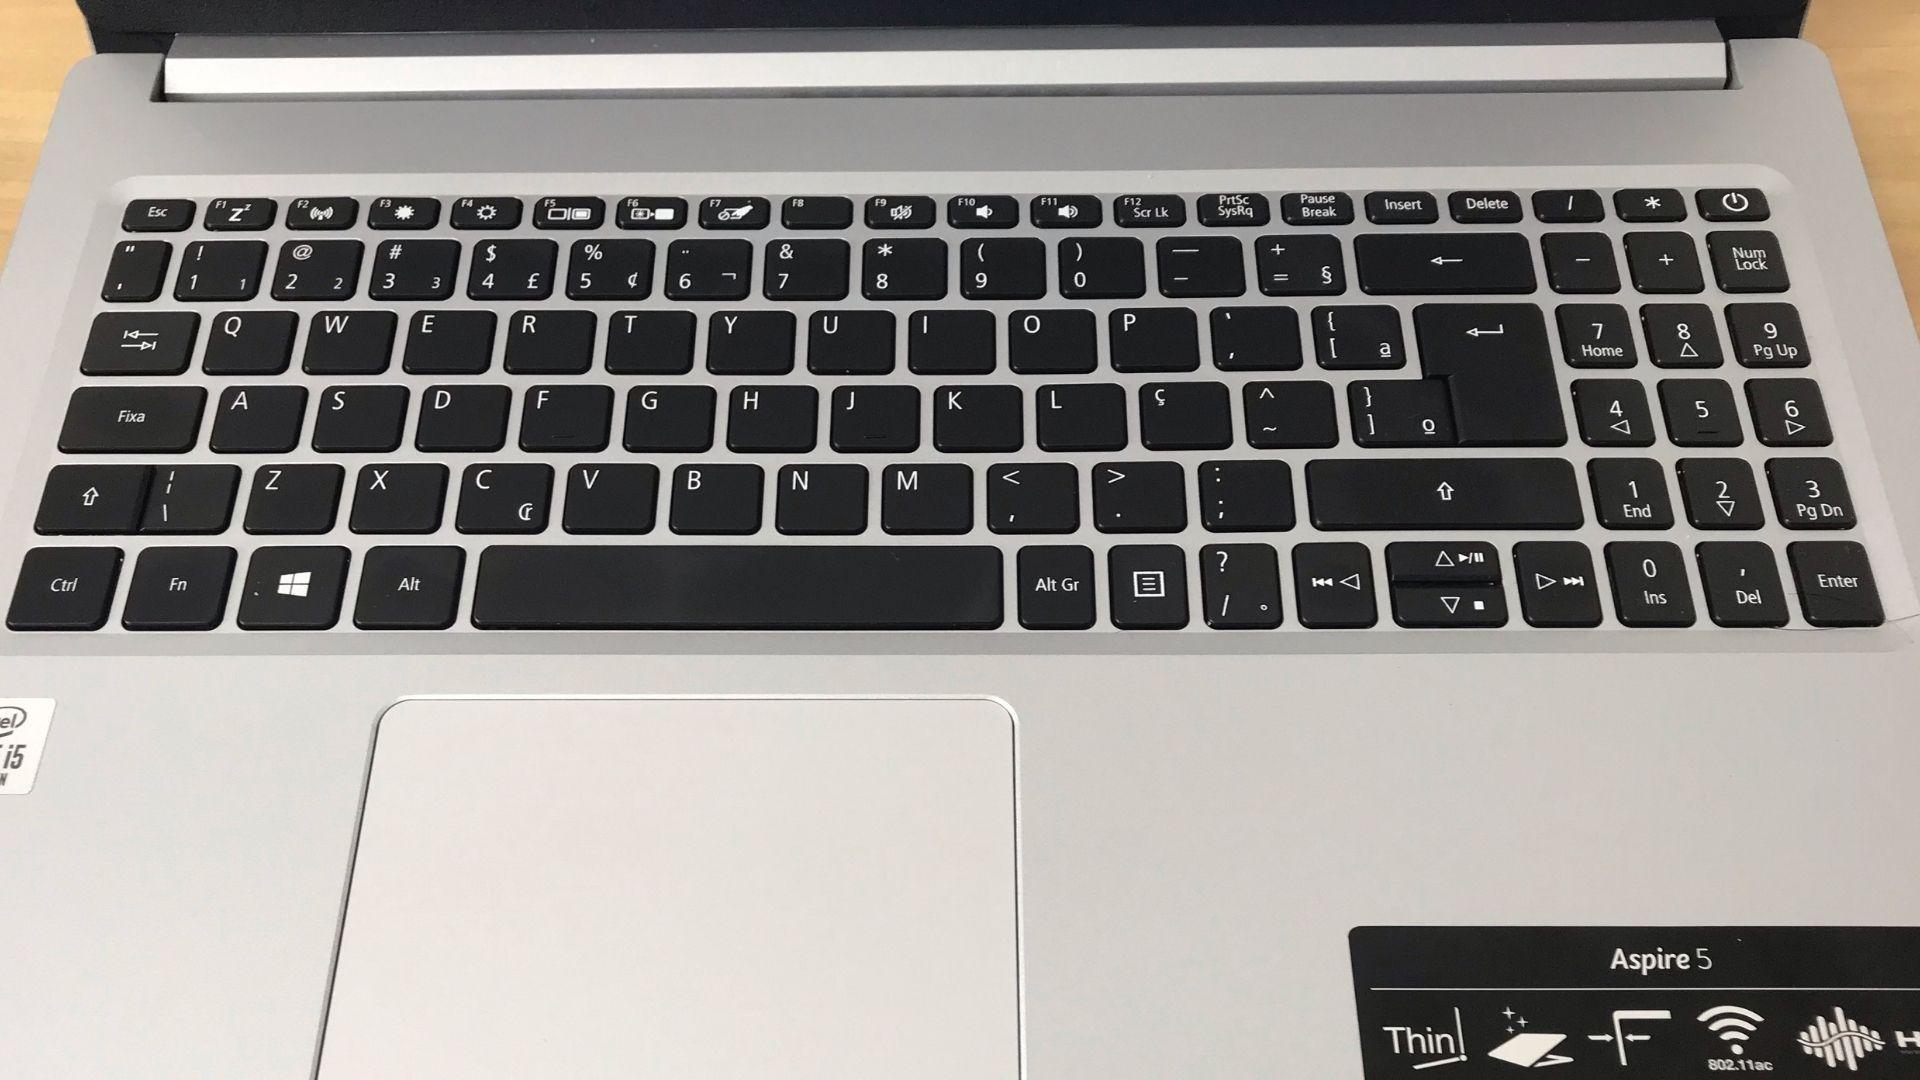 Este é o teclado do Acer Aspire 5, com seu trackpad logo abaixo (Foto: Guilherme Toscano)